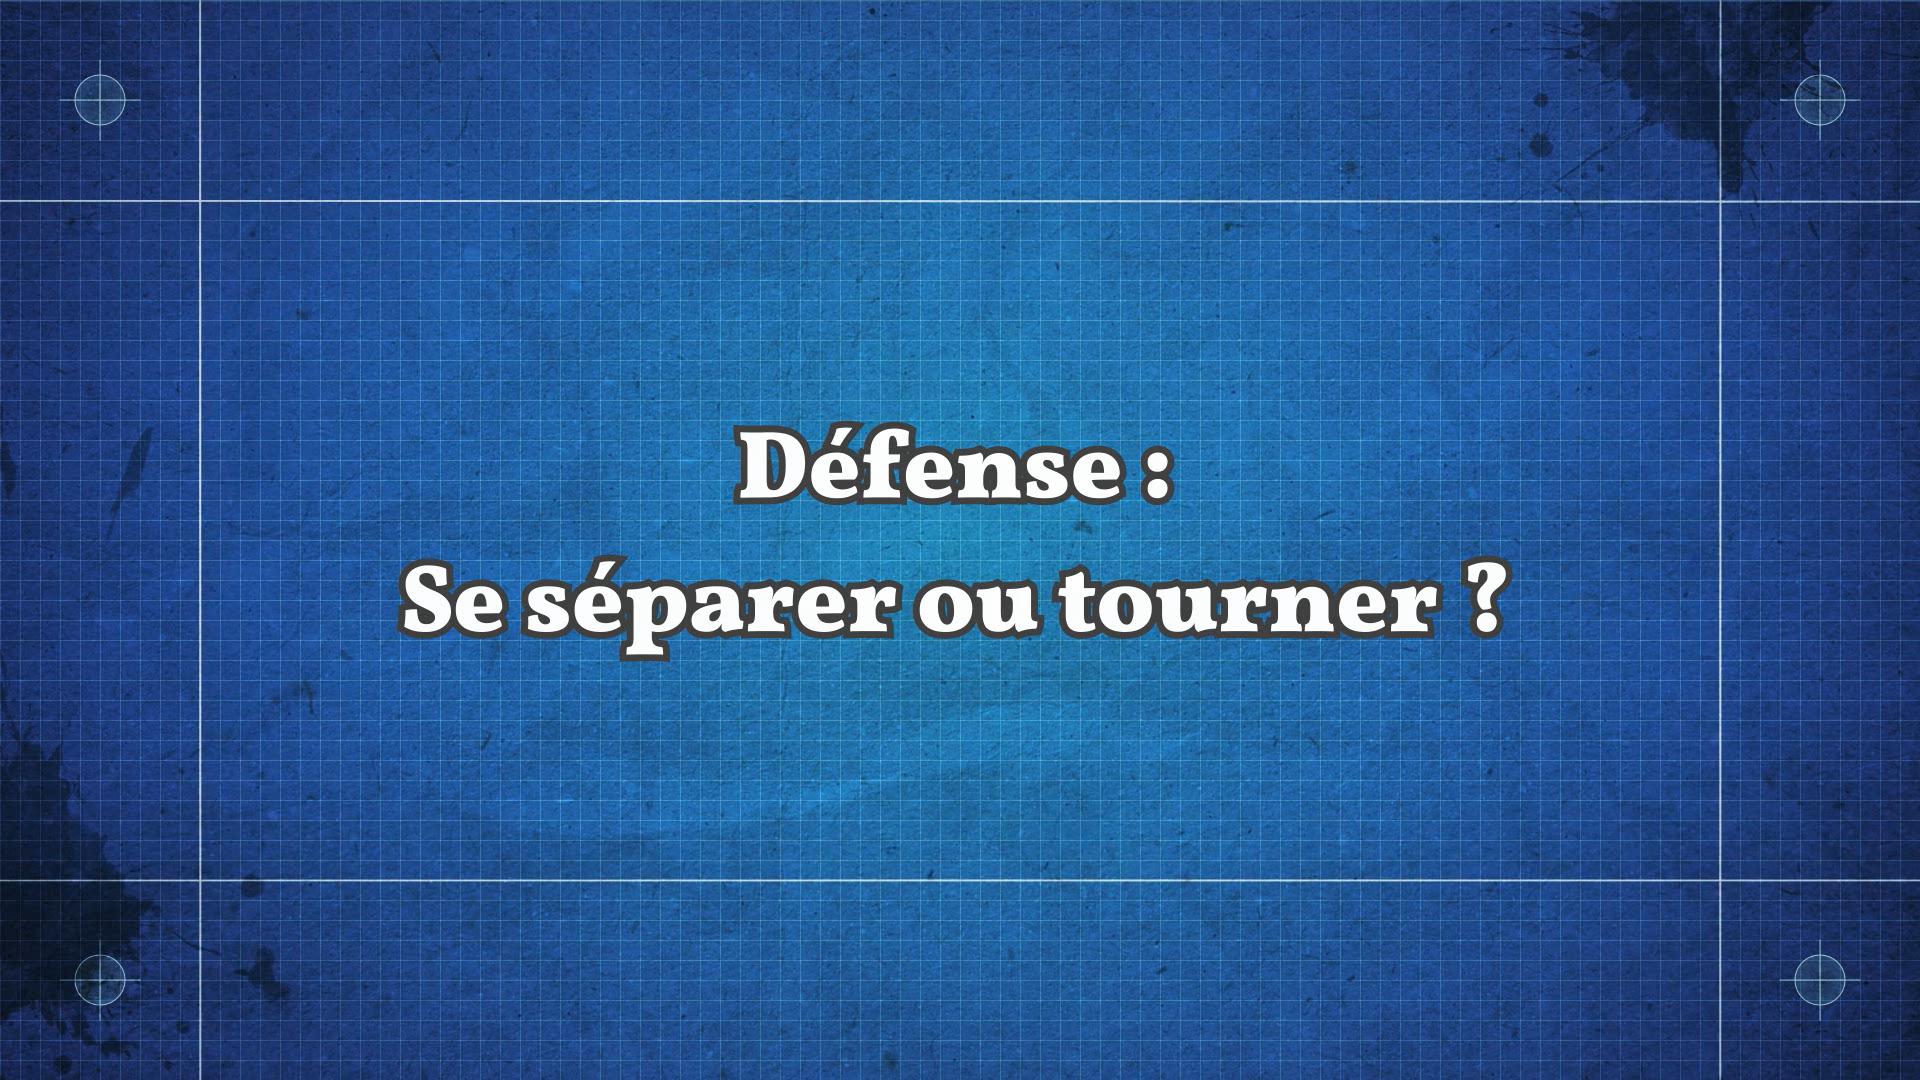 Försvar: vänd eller separera?